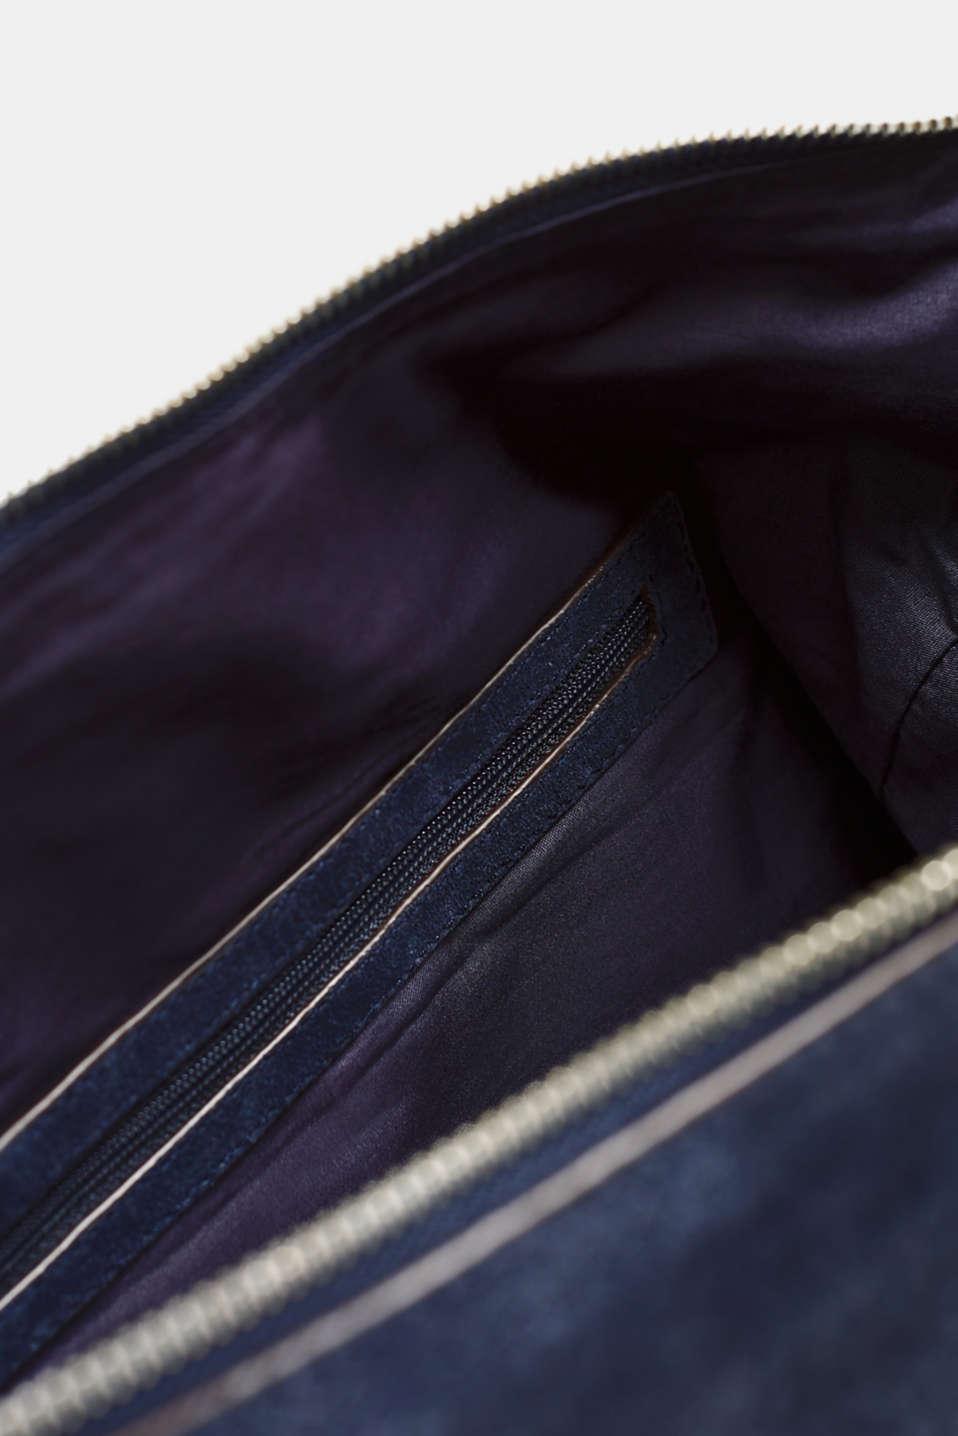 Leather shoulder bag, NAVY, detail image number 4